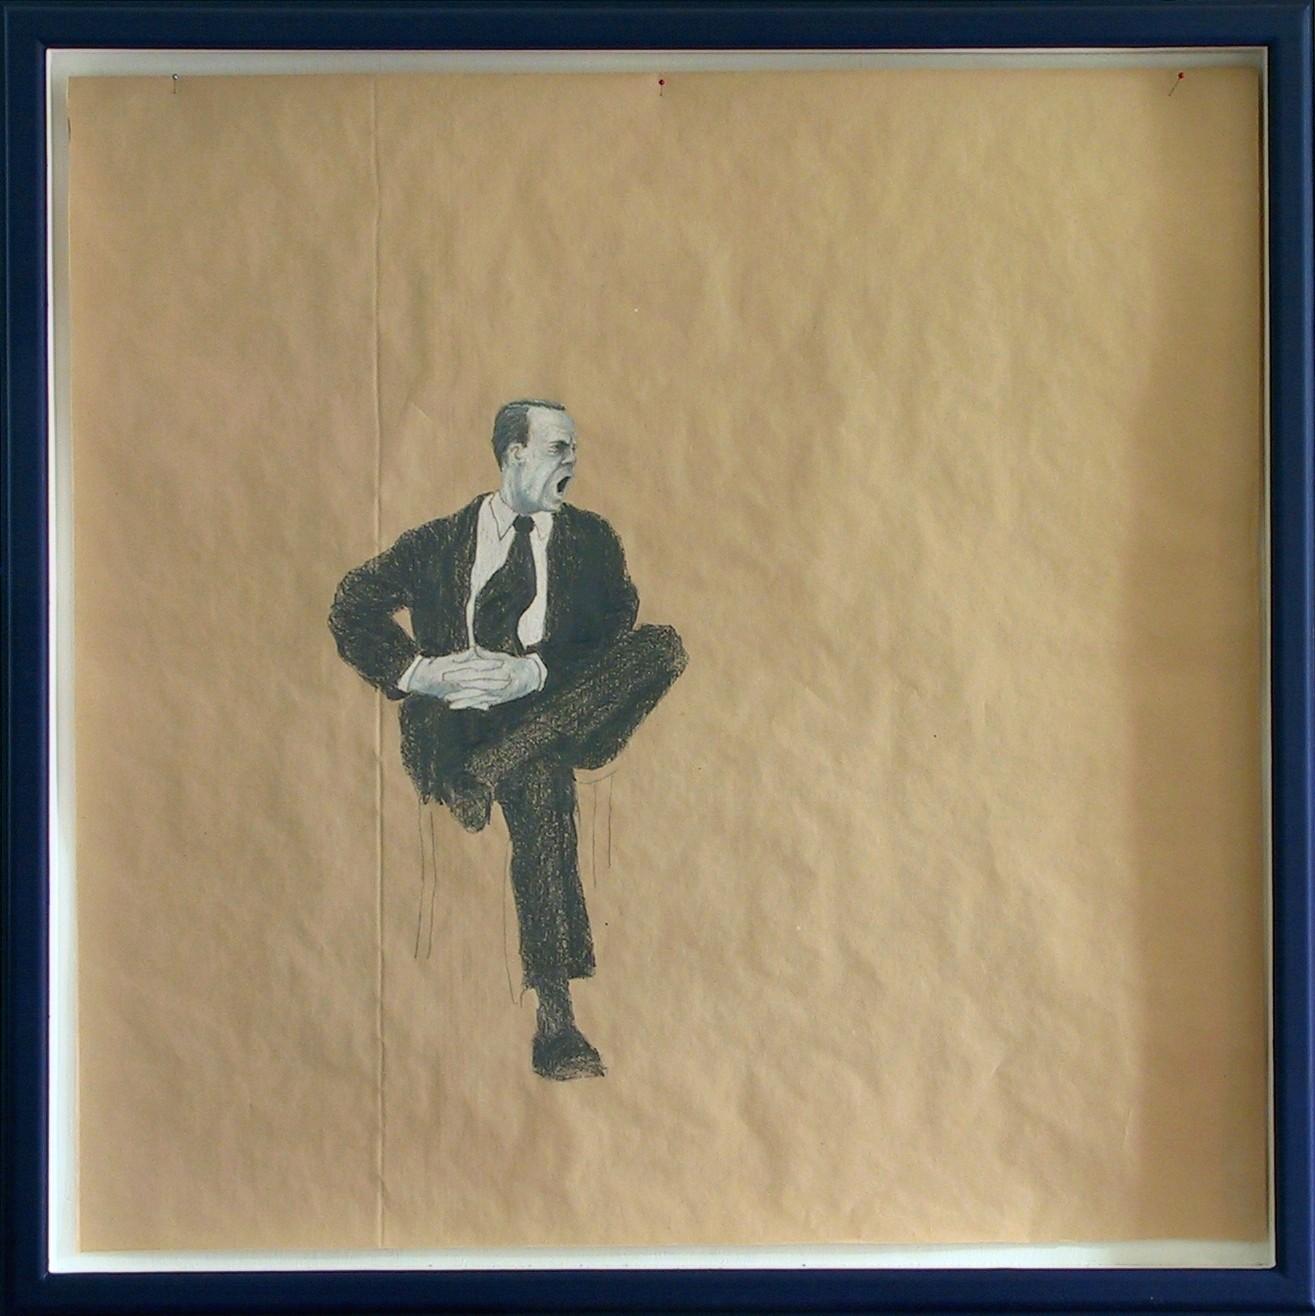 Jean-Yves Verne - Gentleman damnocrat- 4